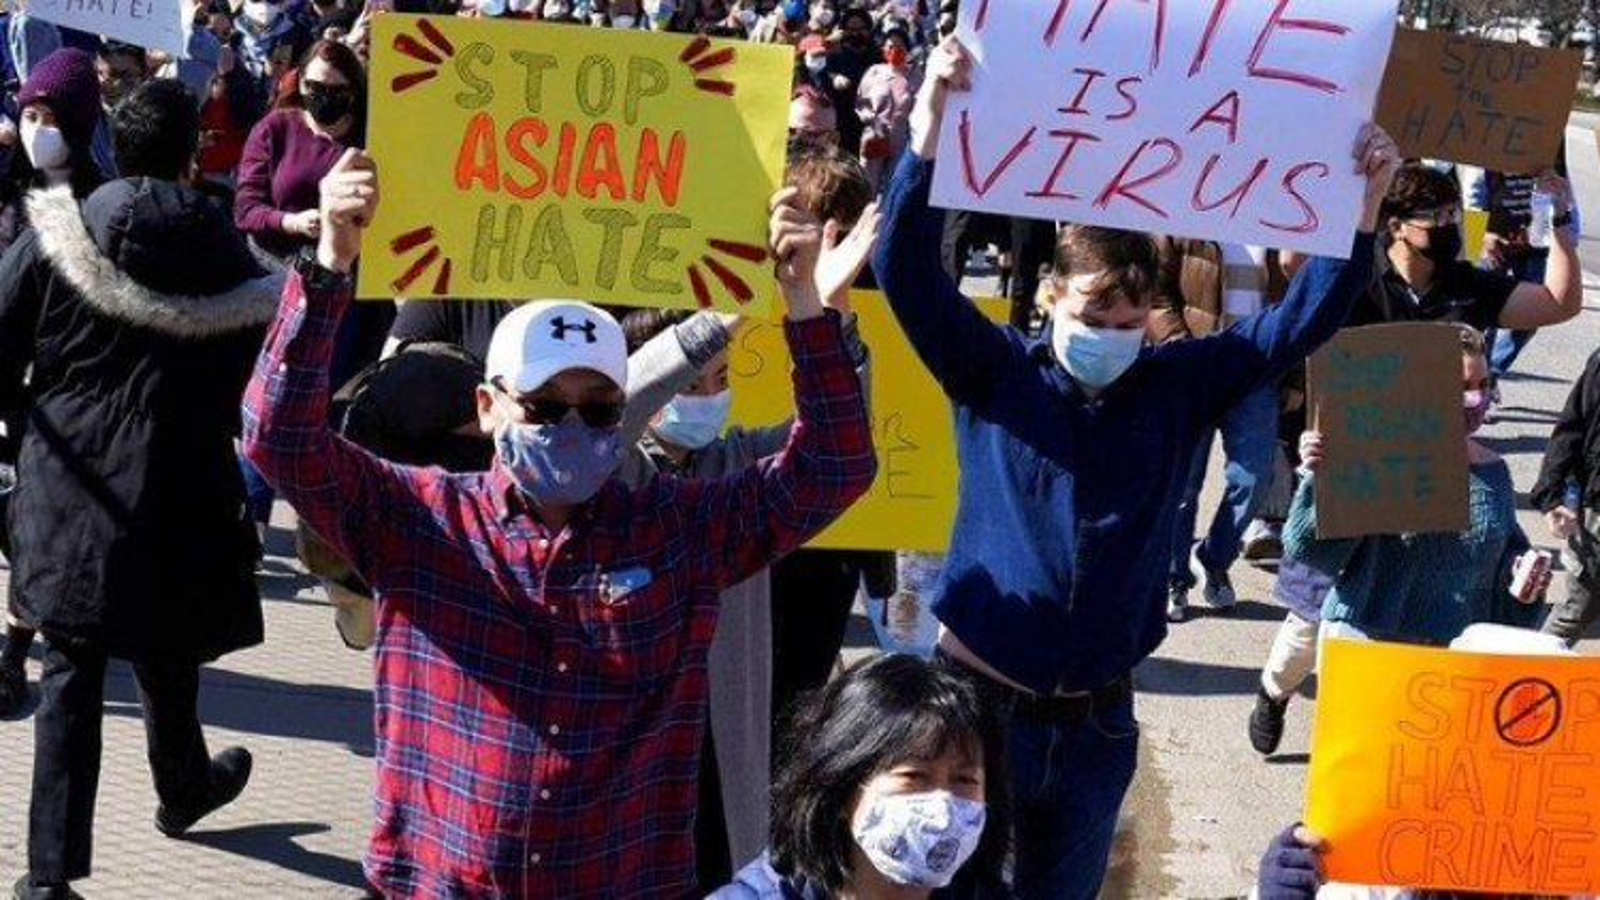 Nhiều cuộc biểu tình ủng hộ người gốc Á diễn ra tại Mỹ